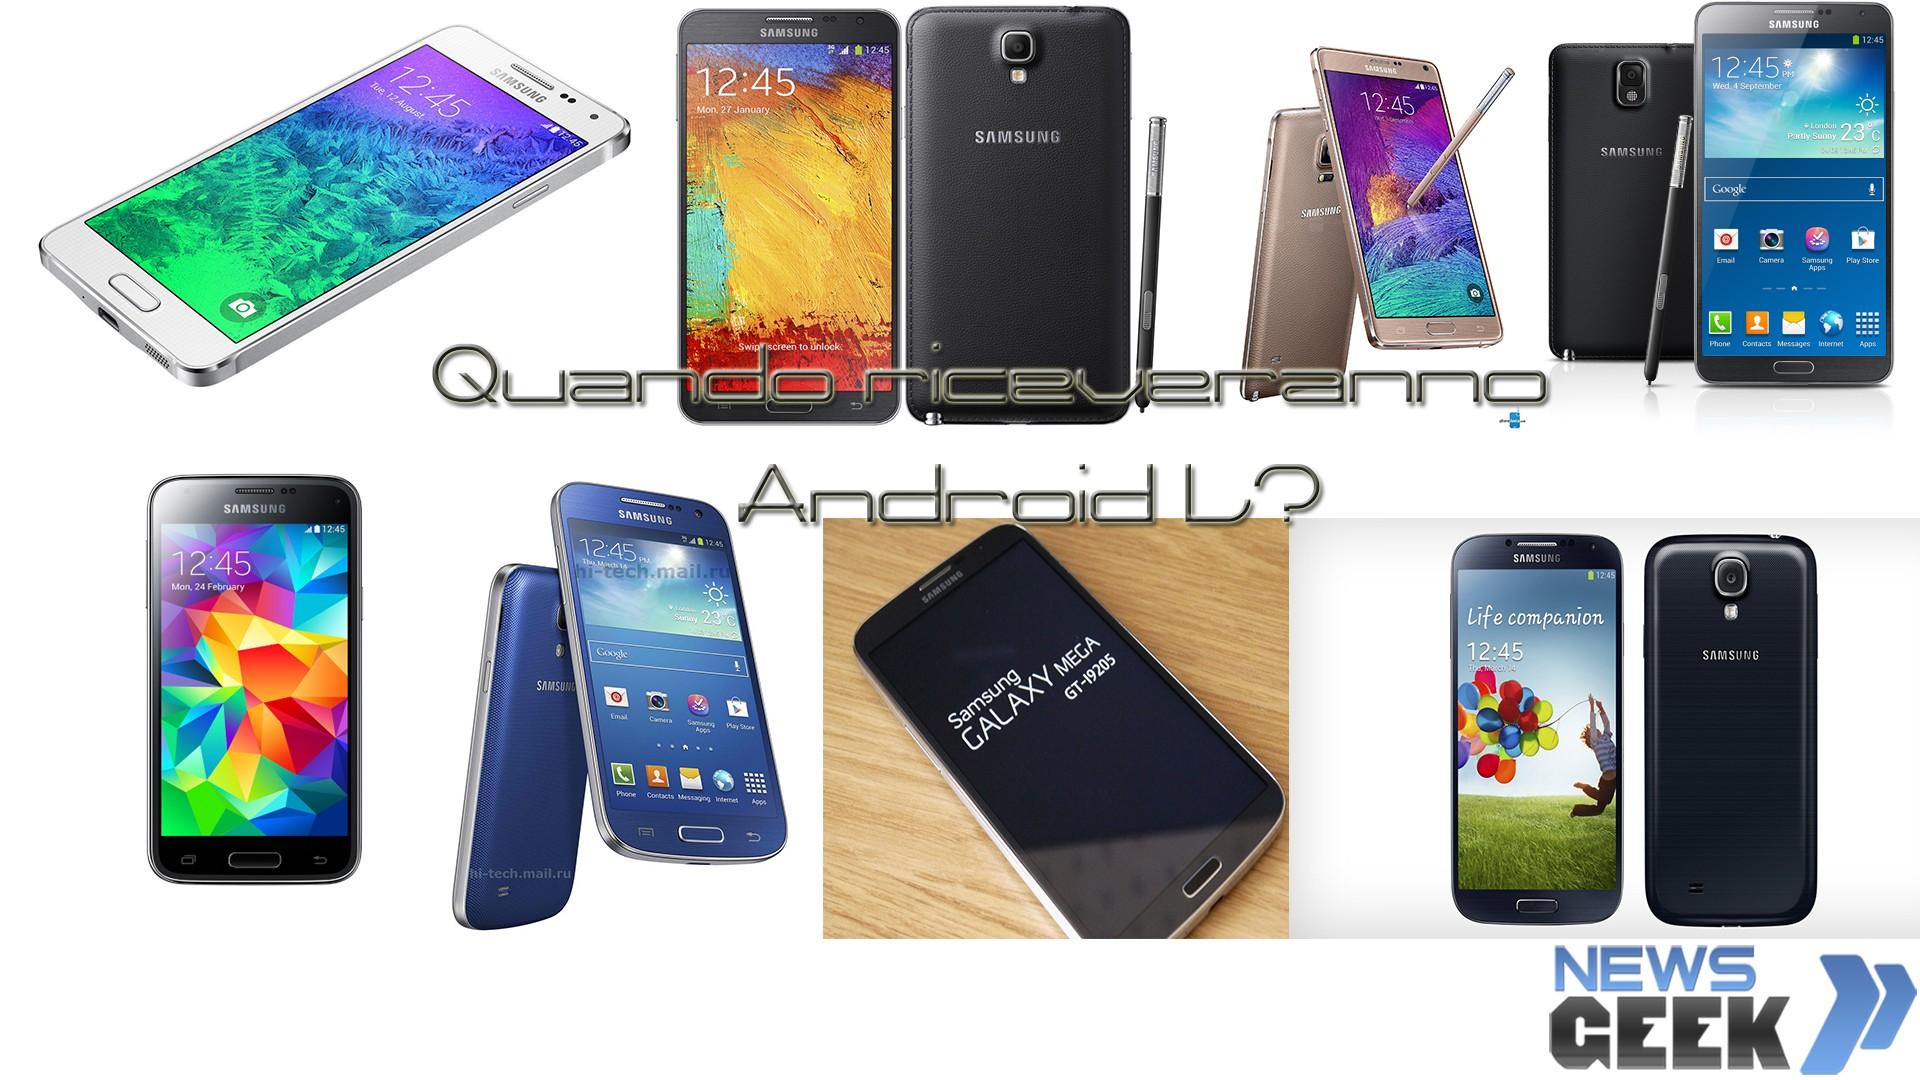 Samsung ed Android L:Quando arriverà per i suoi Device(Android Lollipop)?